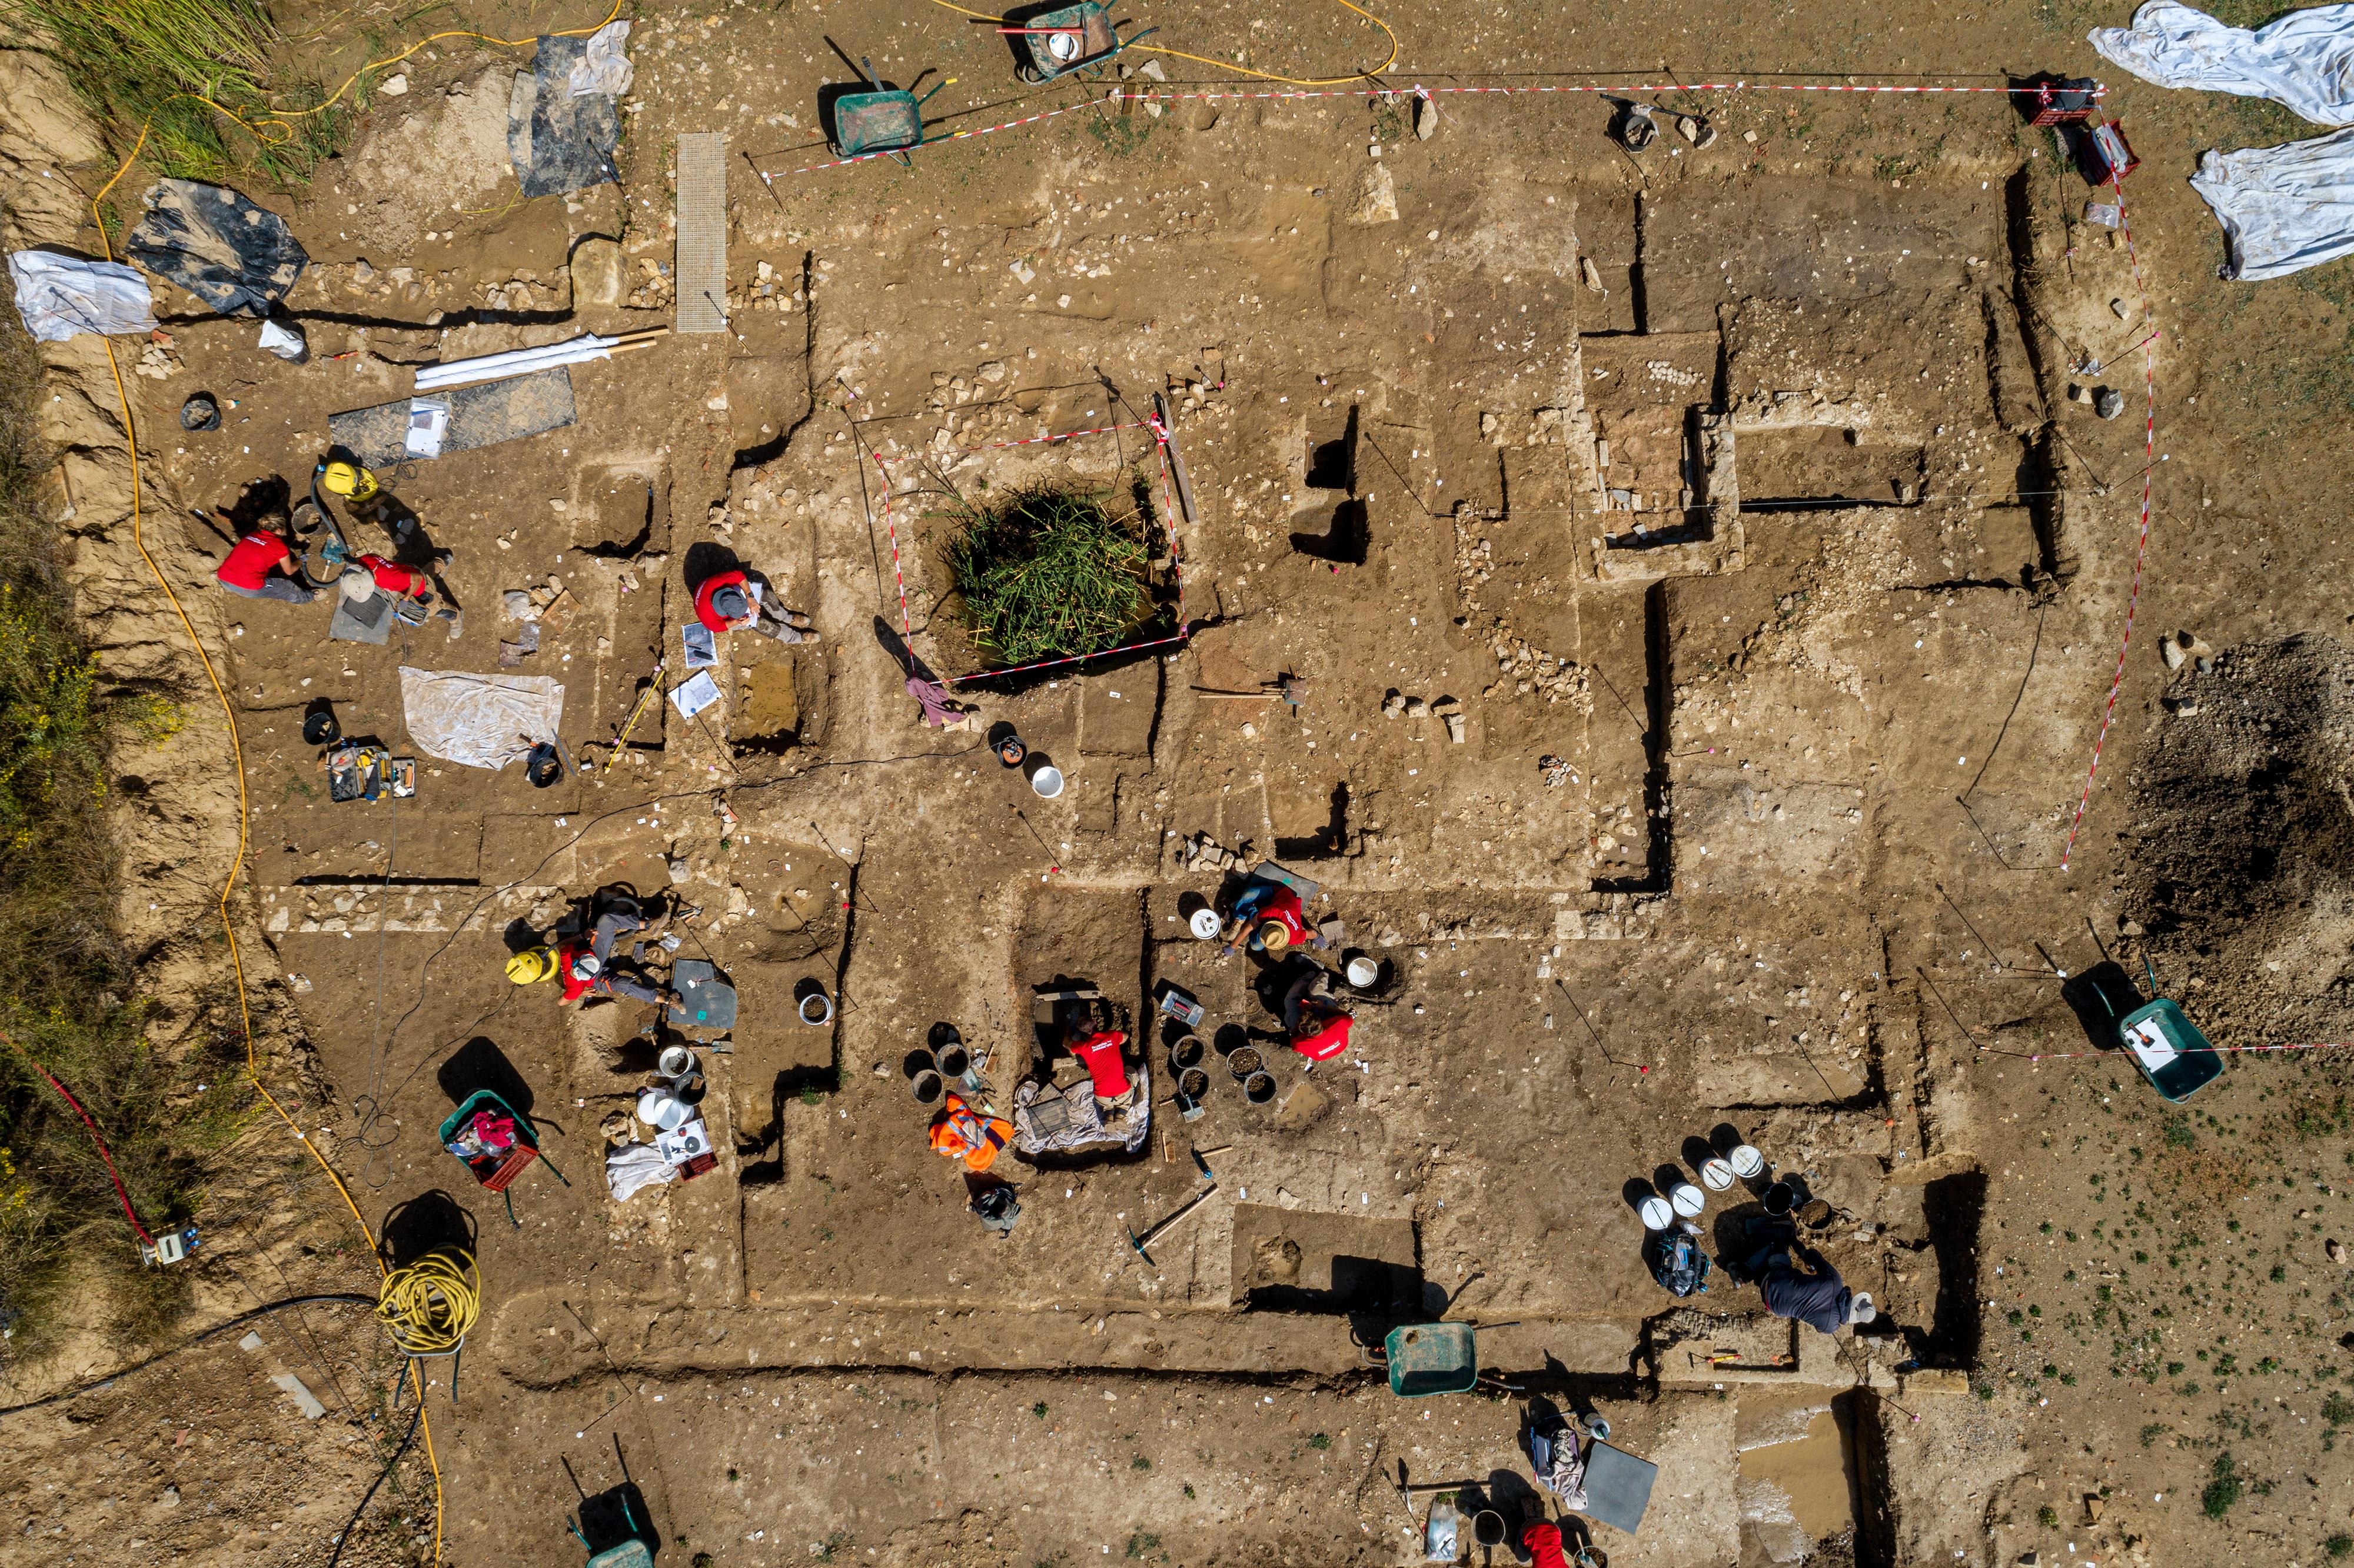 Vue de drone de la nécropole antique de Narbonne